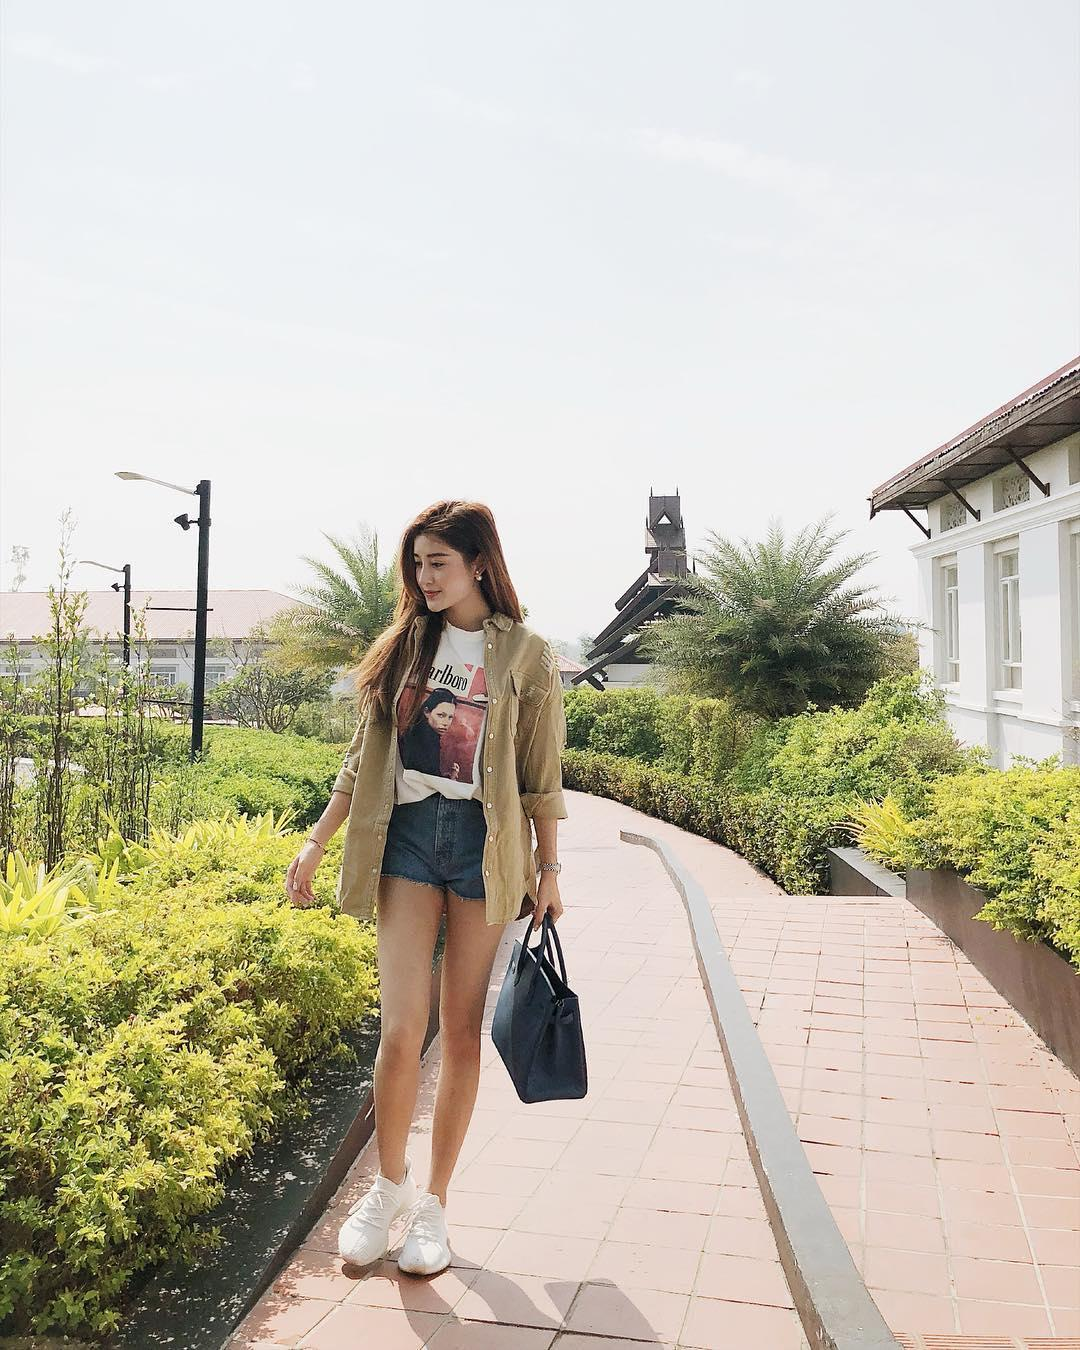 Tin sao Việt: Lâm Vinh Hải chơi cùng con mặc kệ ồn ào Linh Chi và vợ cũ Lý Phương Châu-5